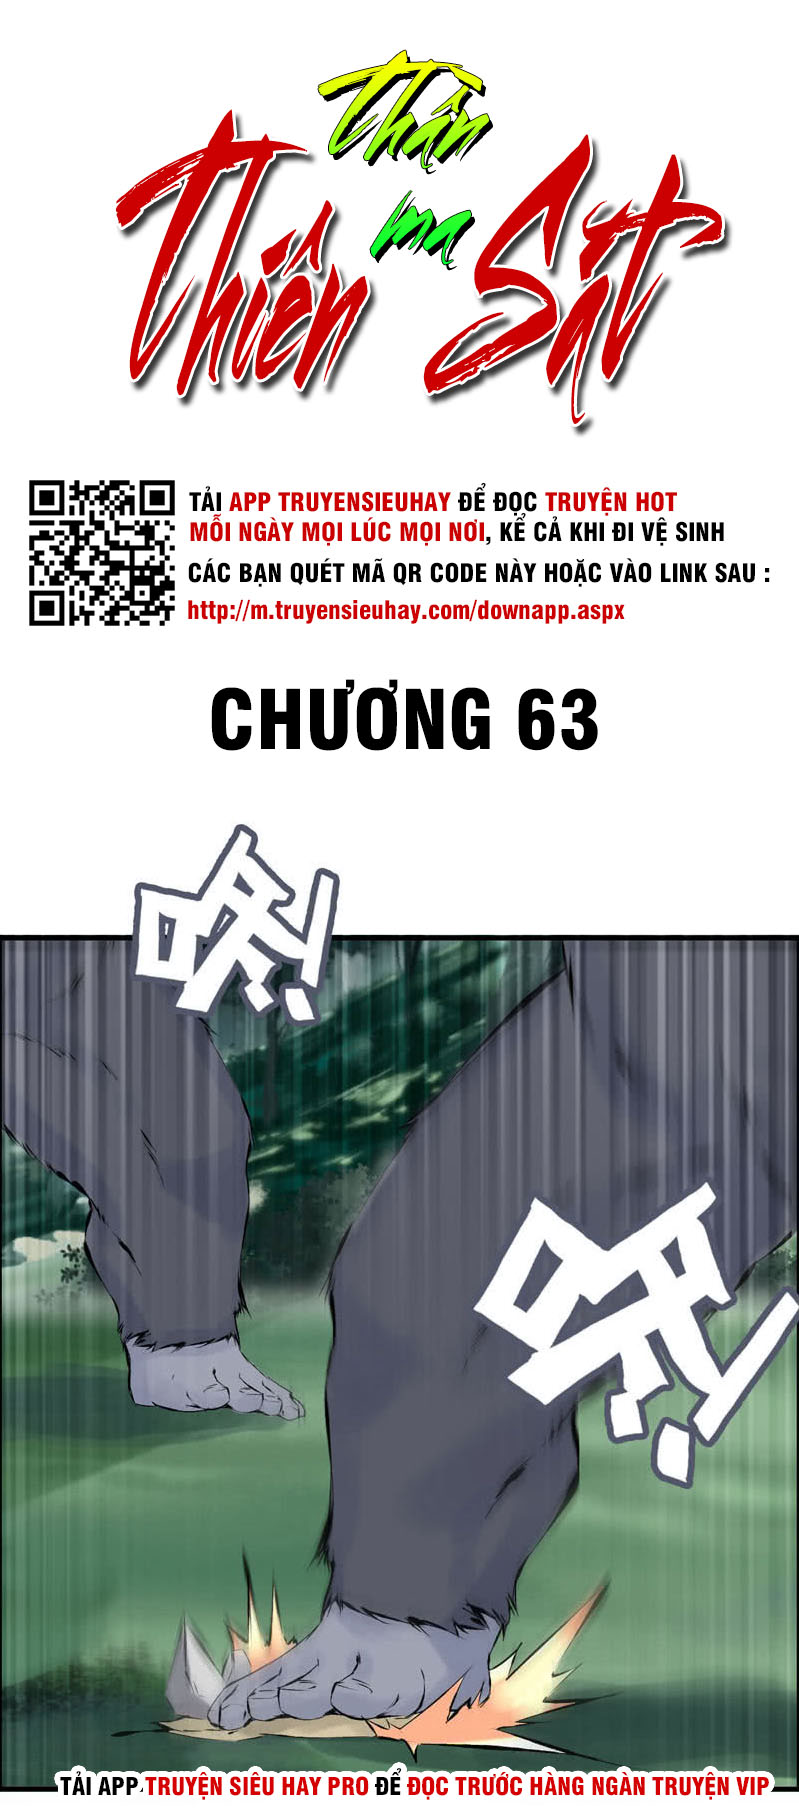 Thần Ma Thiên Sát chapter 63 video - Upload bởi truyensieuhay.com